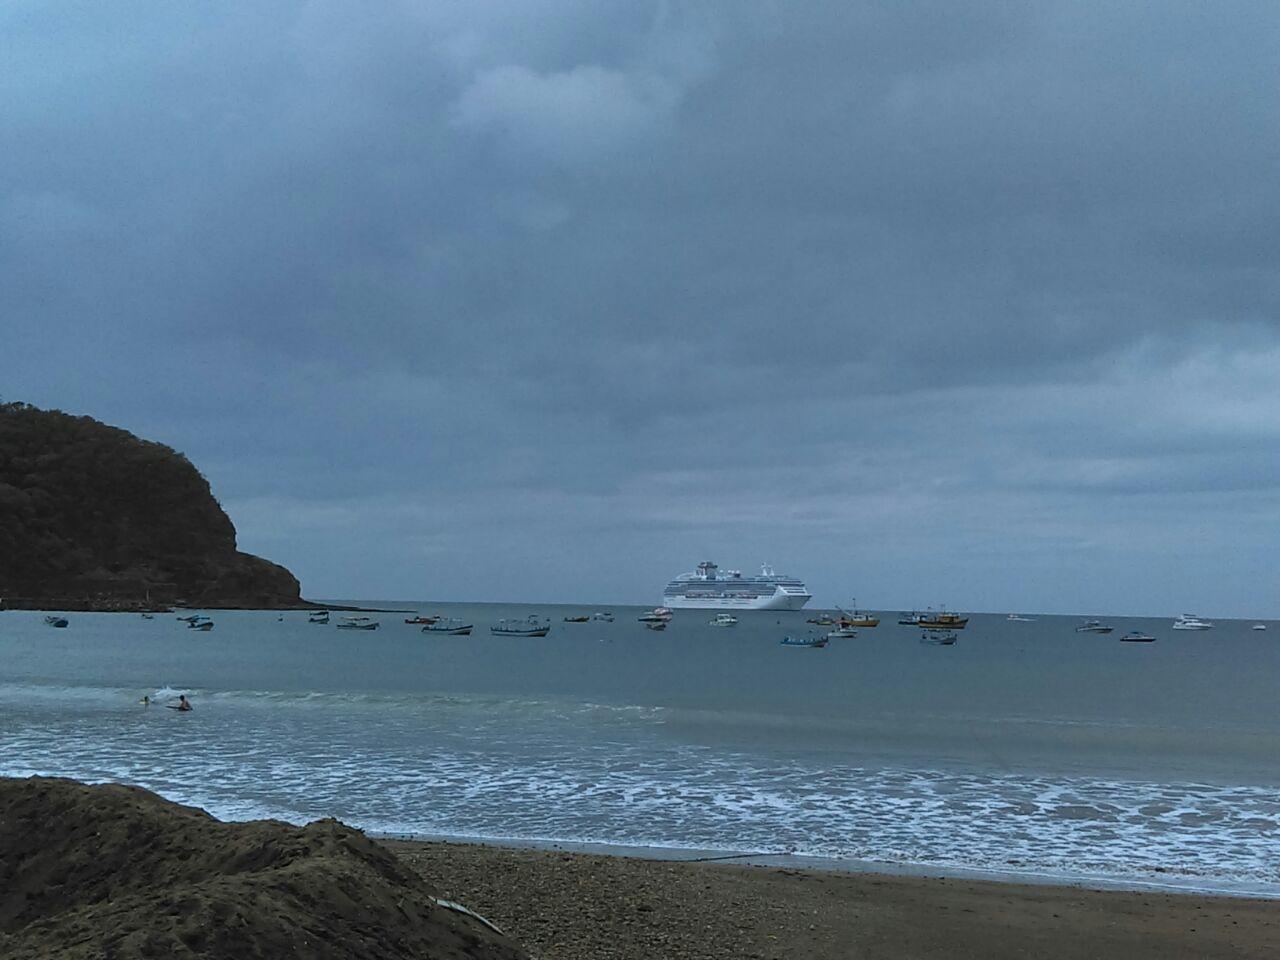 Coral Princess llega a San Juan del Sur (3